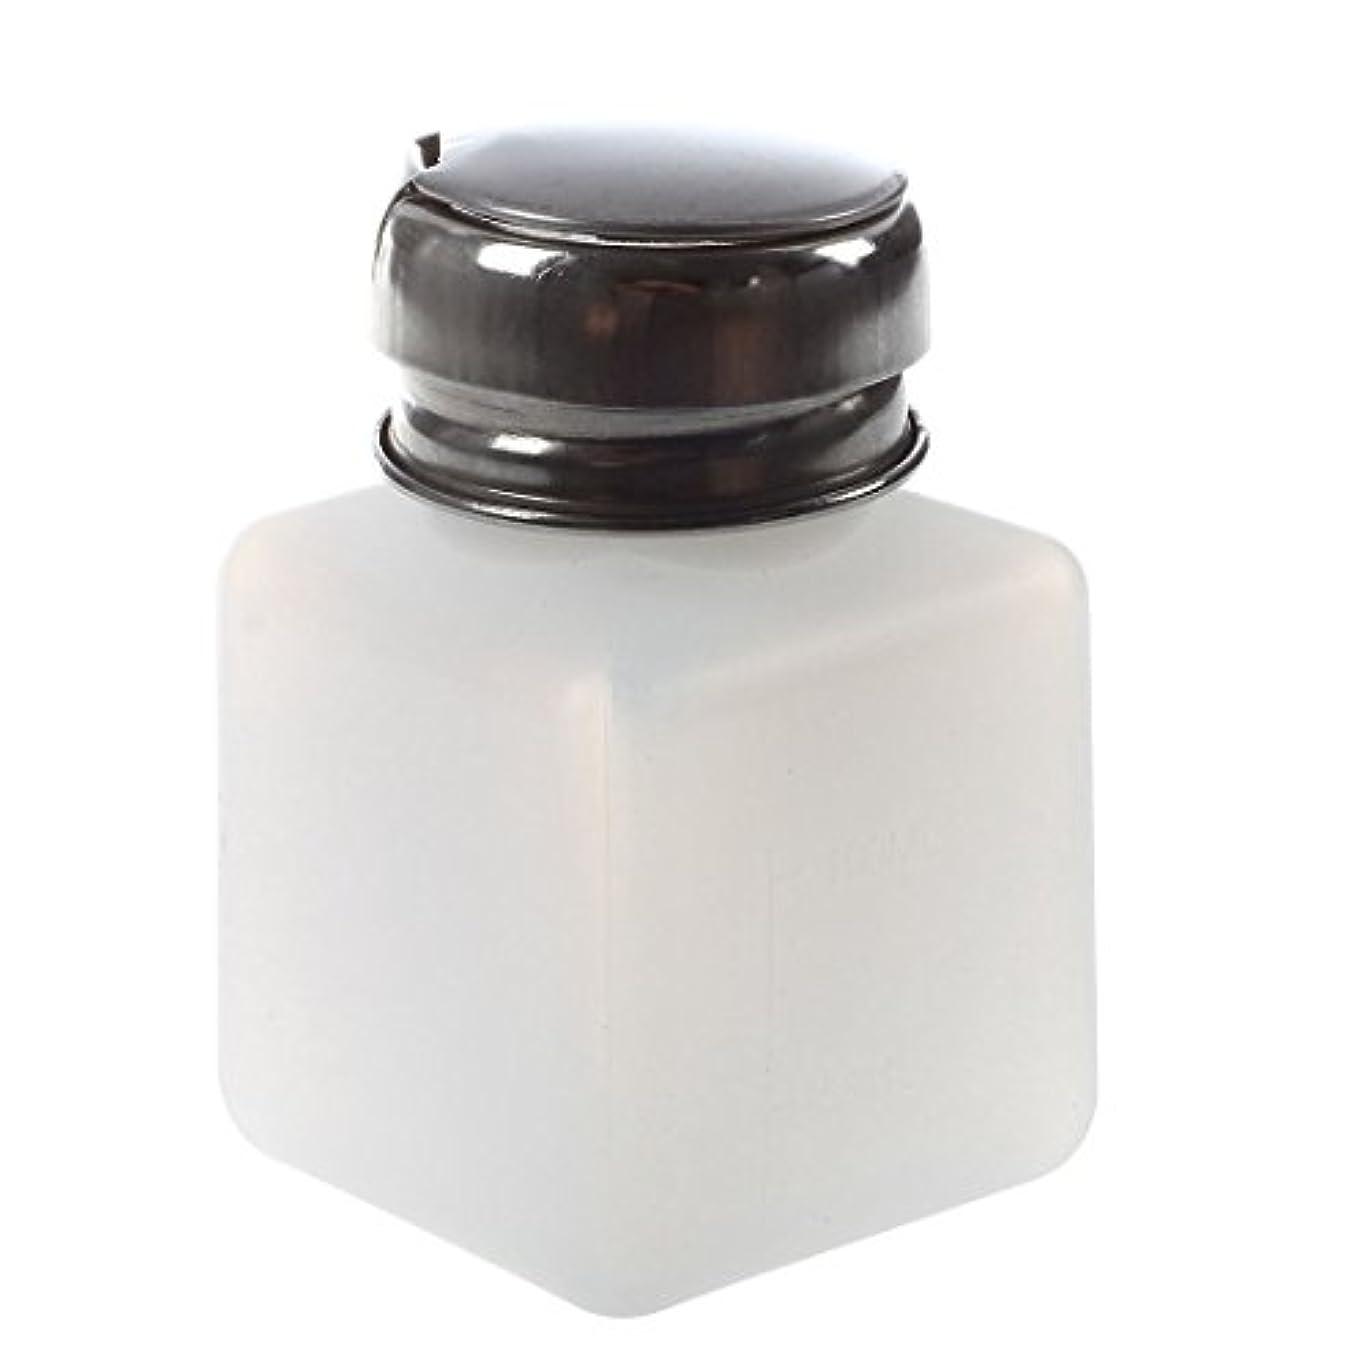 膨張する判定備品ACAMPTAR エンプティーポンプディスペンサー ネイルアート研磨リムーバー 100MLボトル用 (ホワイト)